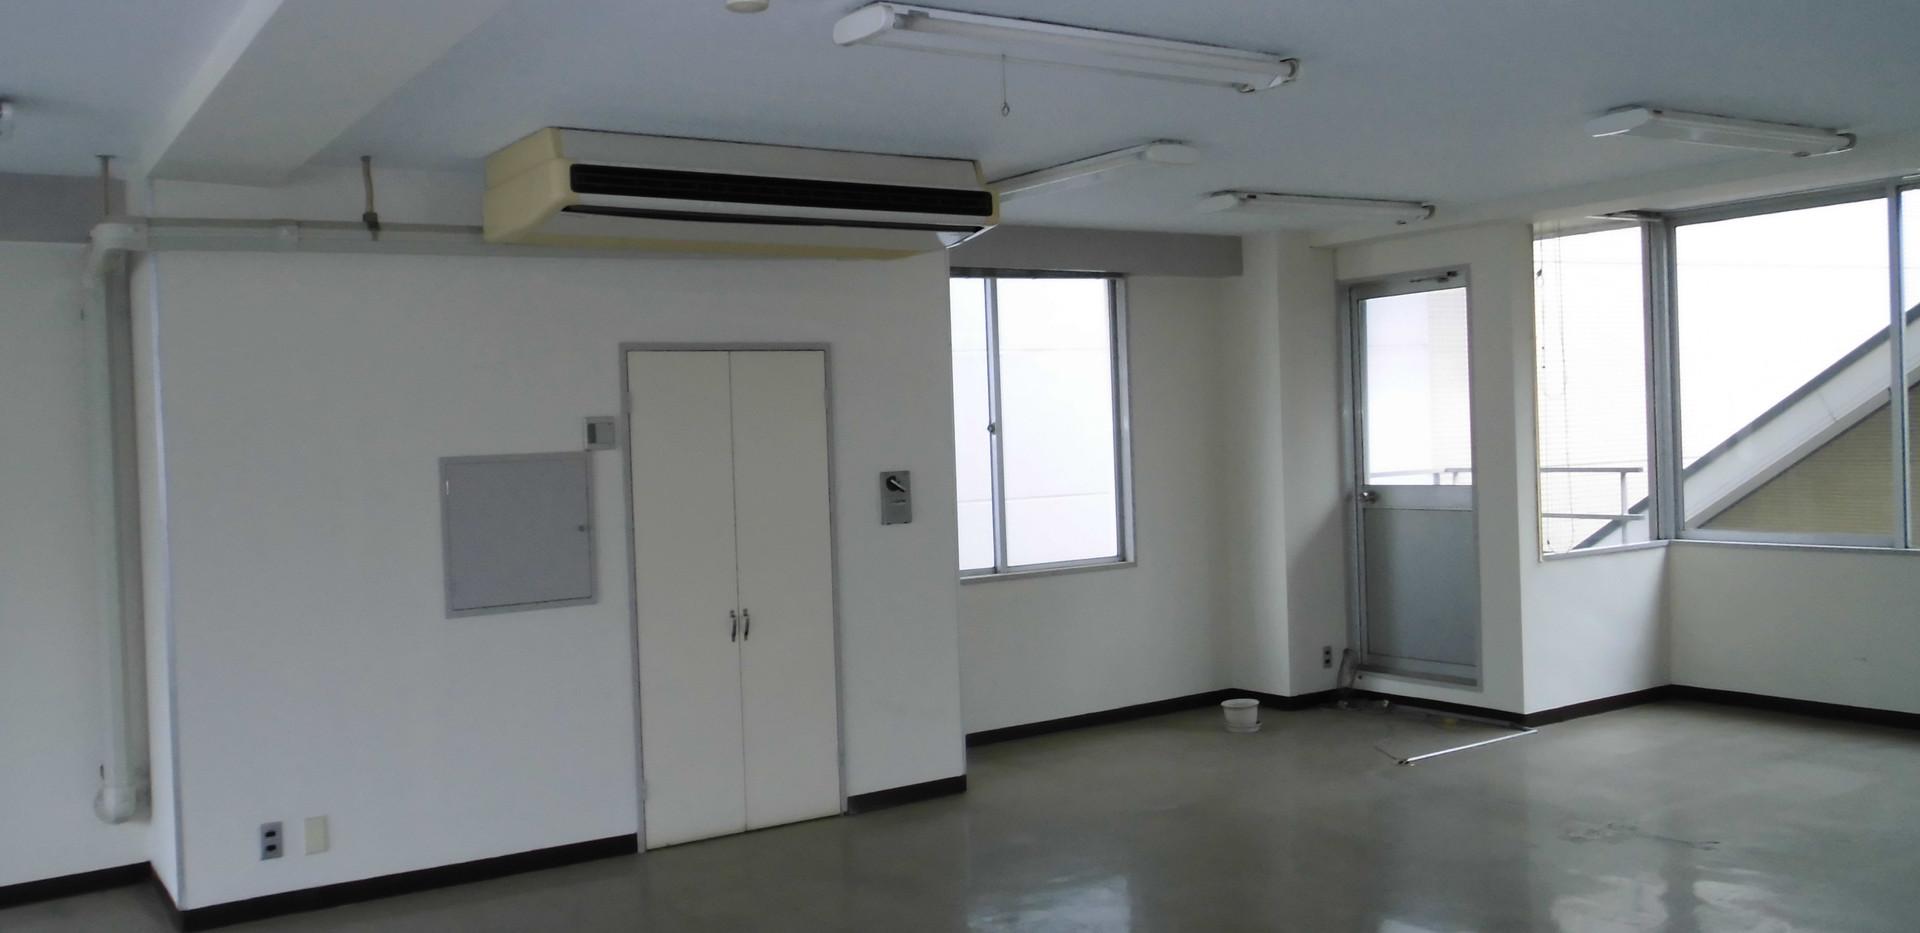 レンタルオフィス(熊谷市)-B-01.JPG